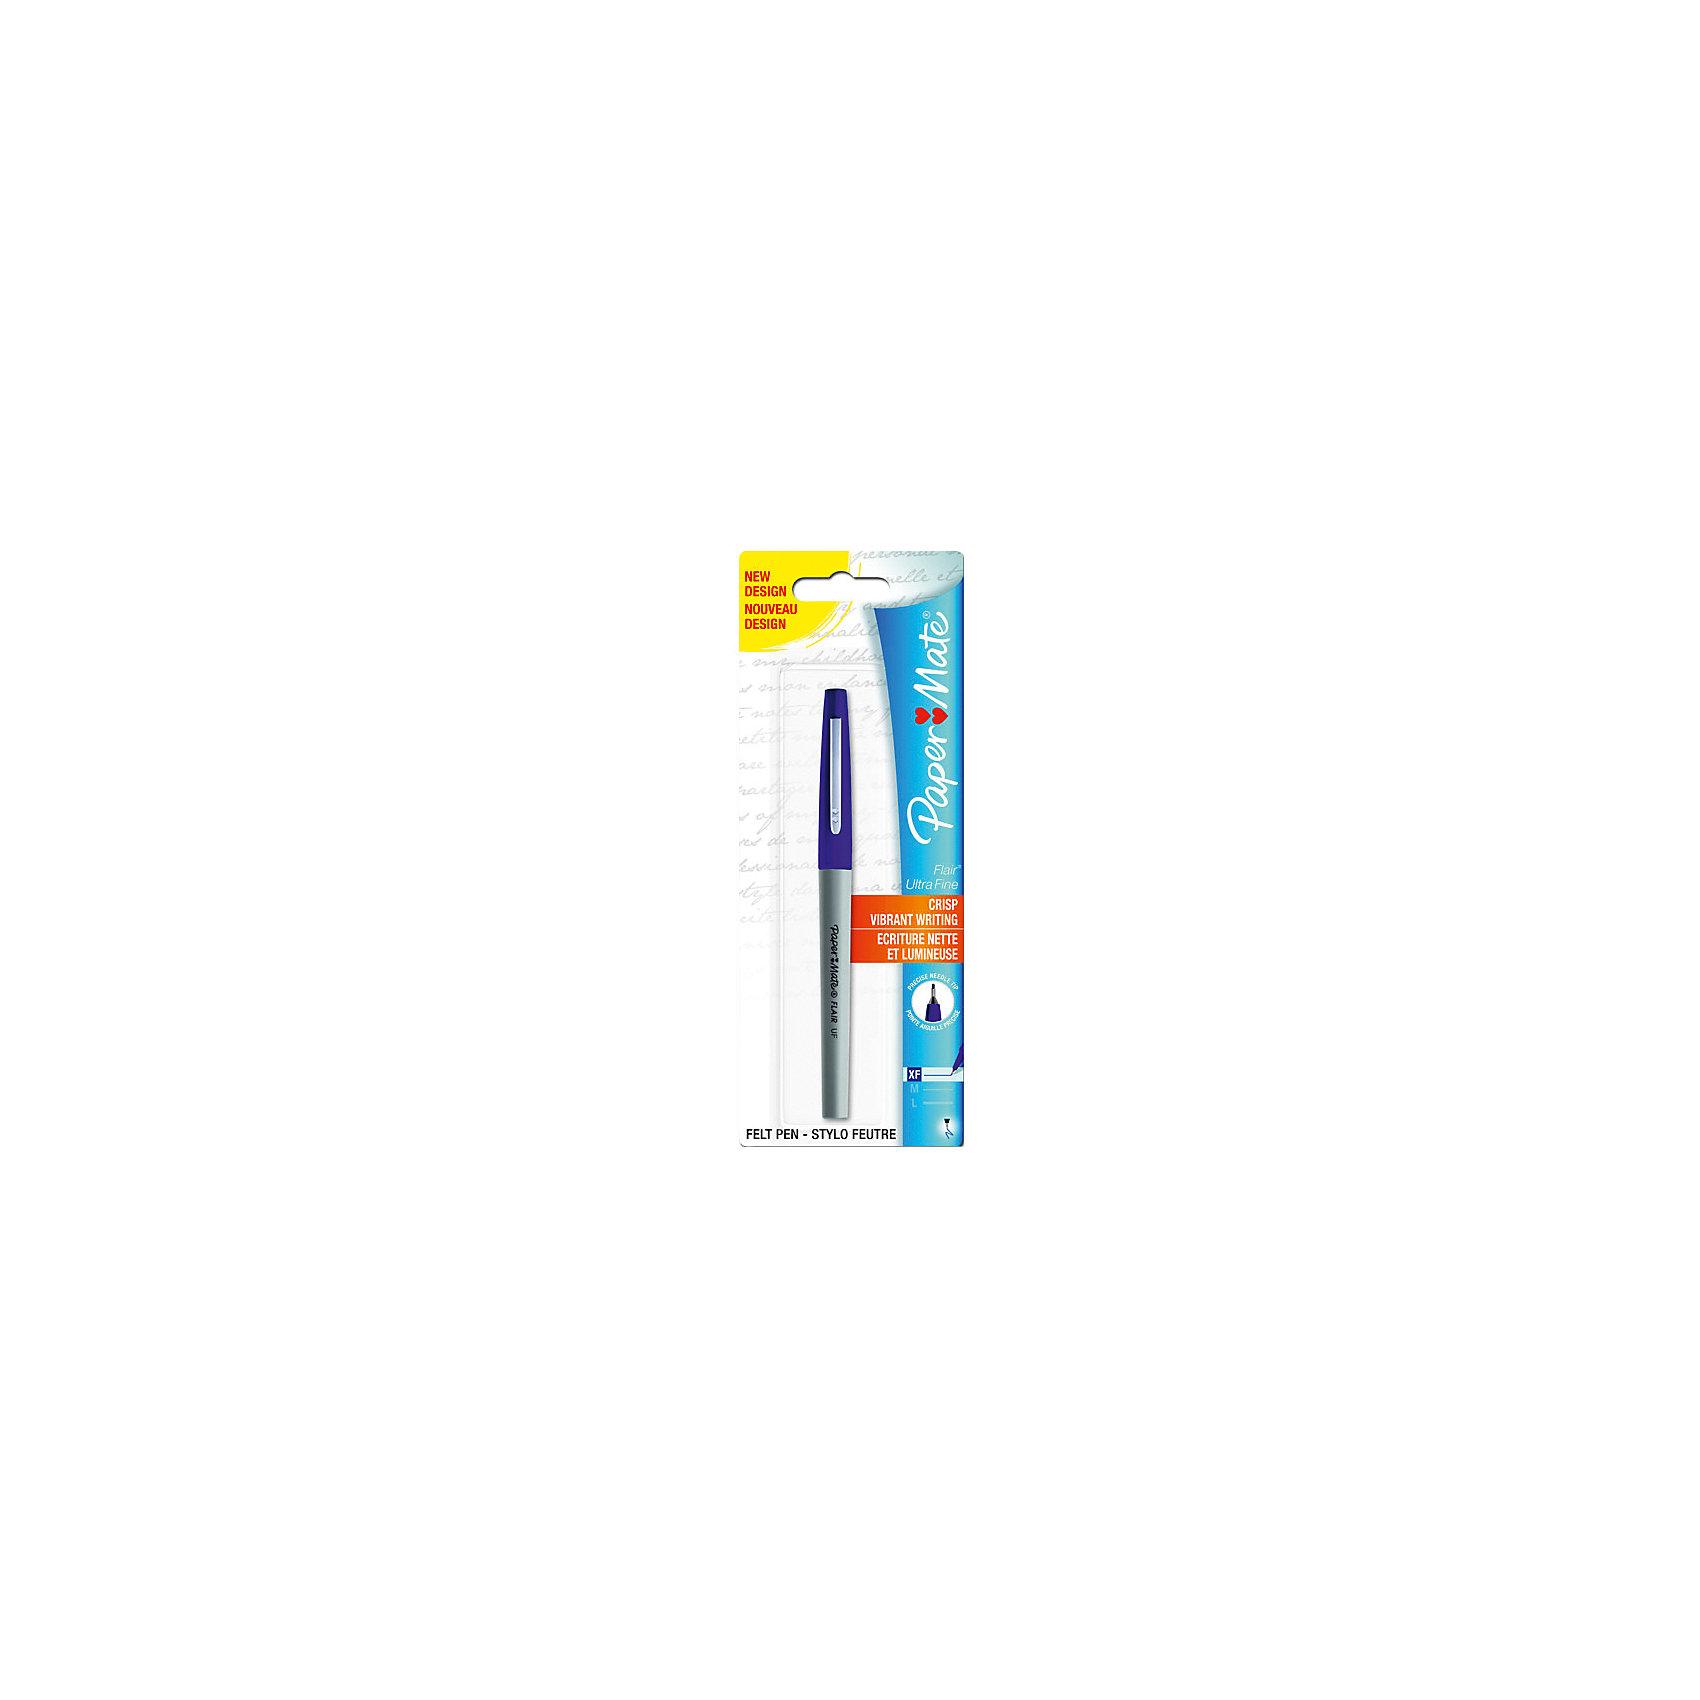 Ручка капилярная Paper mate Flair Uf, синяяПисьменные принадлежности<br>Характеристики товара:<br><br>• тип ручки: шариковая;<br>• цвет чернил: синий, красный, зеленый, черный;<br>• материал: пластик;<br>• размер упаковки: 1х1х14 см;<br>• вес: 16 грамм;<br>• возраст: от 3 лет.<br><br>Шариковая ручка FLAIR UP - универсальный помощник в учебе. Ручка состоит из чернил четырех цветов: синий, черный, зеленый и красный. Чернила быстро высыхают и не оставляют пятен на бумаге. Колпачок ручки дополнен зажимом для удобного ношения в кармане.<br><br>PAPER MATE (Пэйпер Мэйт) Ручку FLAIR UF можно купить в нашем интернет-магазине.<br><br>Ширина мм: 140<br>Глубина мм: 10<br>Высота мм: 10<br>Вес г: 16<br>Возраст от месяцев: 36<br>Возраст до месяцев: 2147483647<br>Пол: Унисекс<br>Возраст: Детский<br>SKU: 6884849